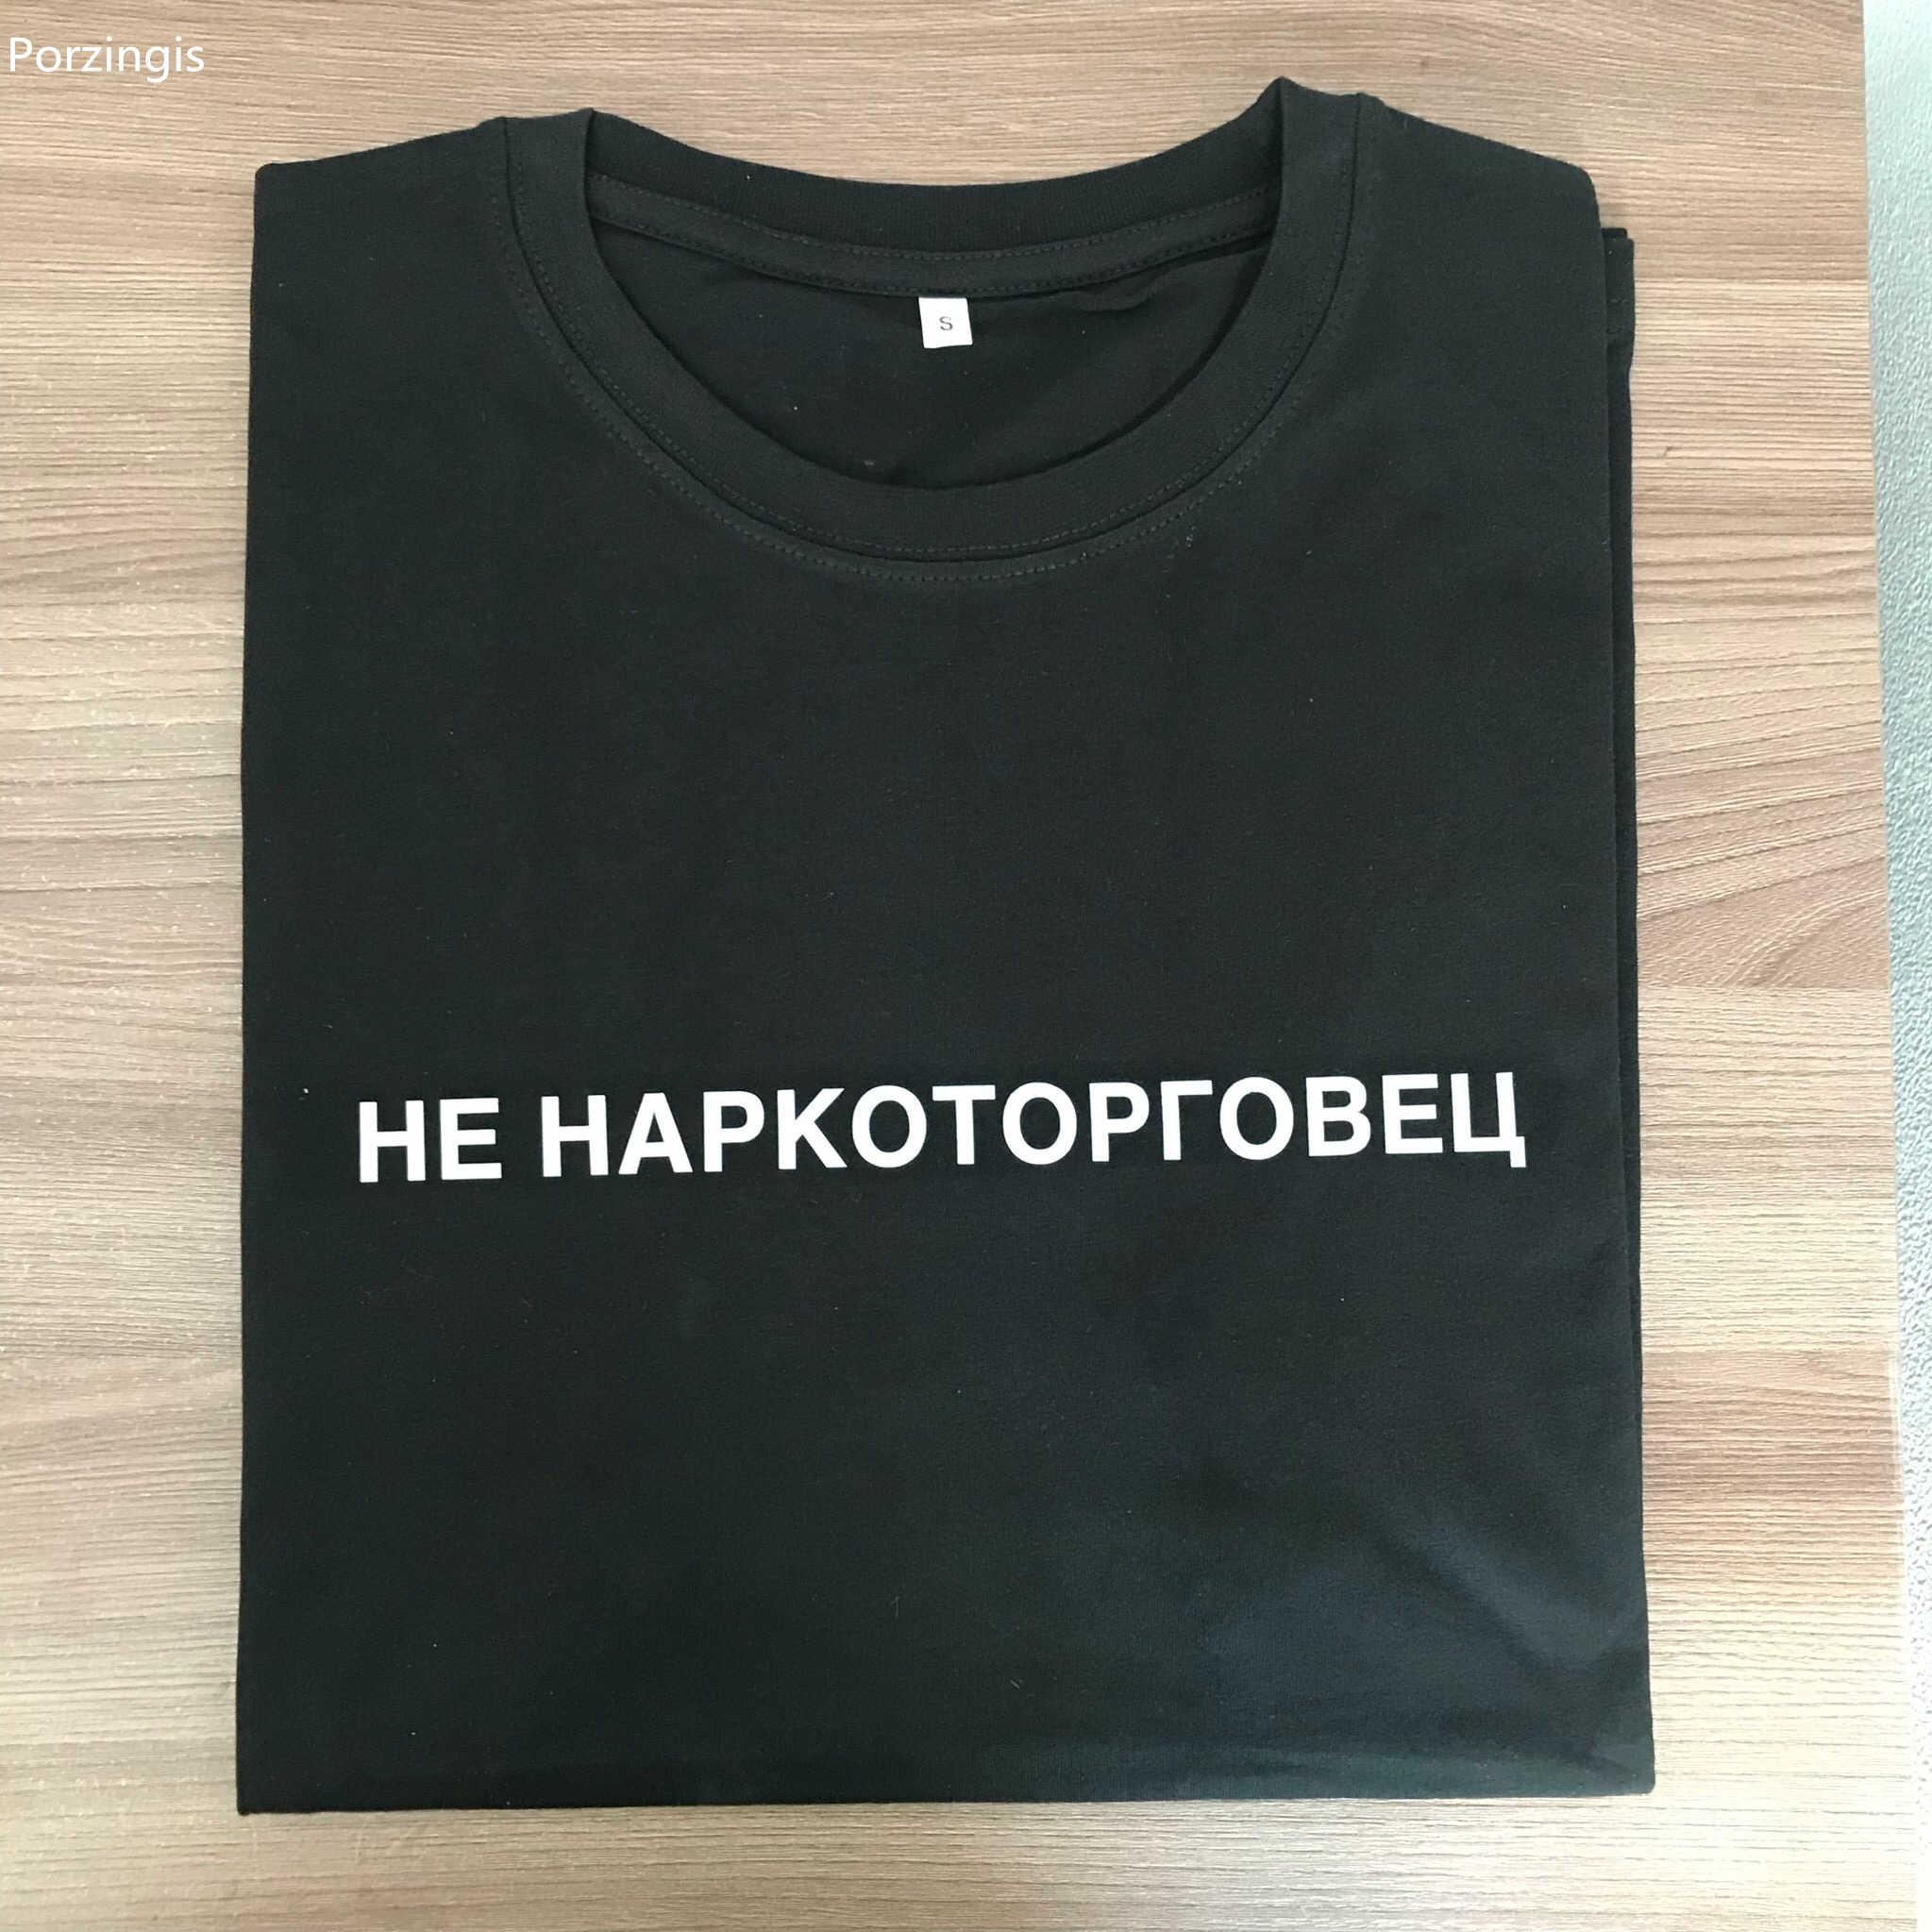 Porzingis Unisex T-Shirt Casual con Russo Iscrizione Femminile di Cotone Nero Magliette per Il Maschio Luce Riflettente di Estate Tee